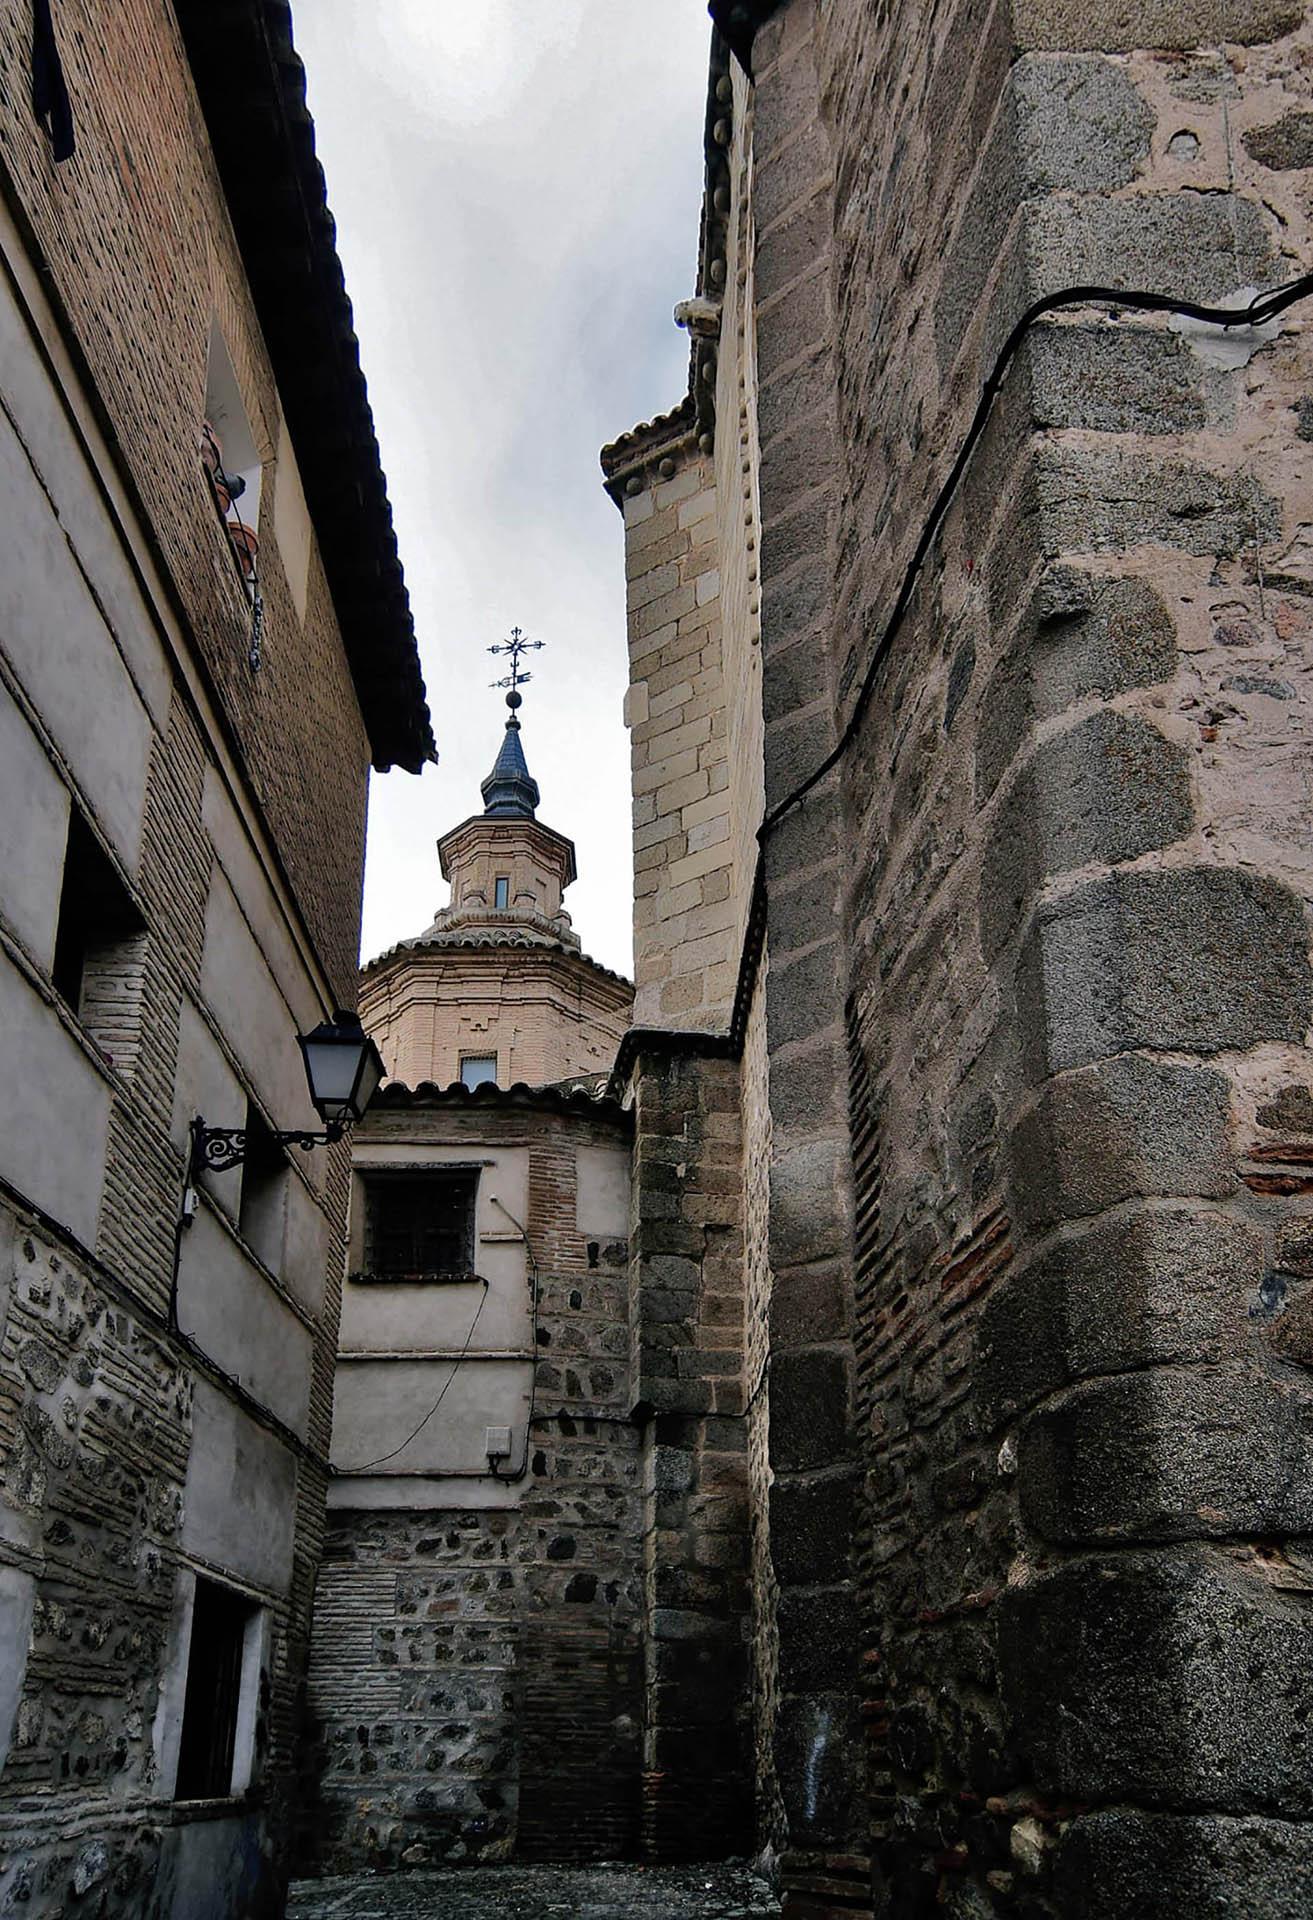 El callejón de los muertos con la cúpula al fondo de la Iglesia de San Andrés en Toledo